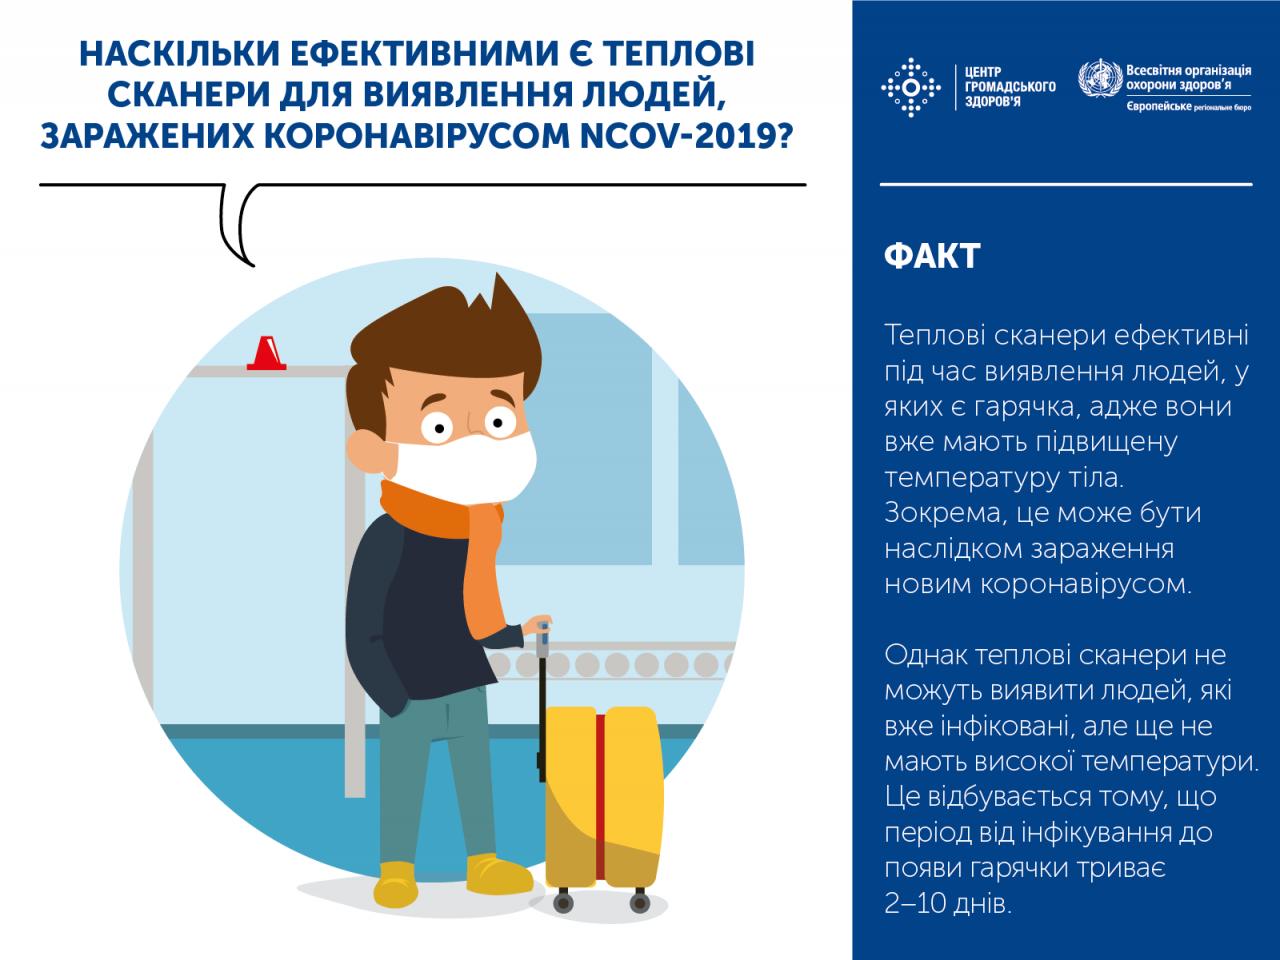 http://dunrada.gov.ua/uploadfile/archive_news/2020/03/16/2020-03-16_803/images/images-73815.png